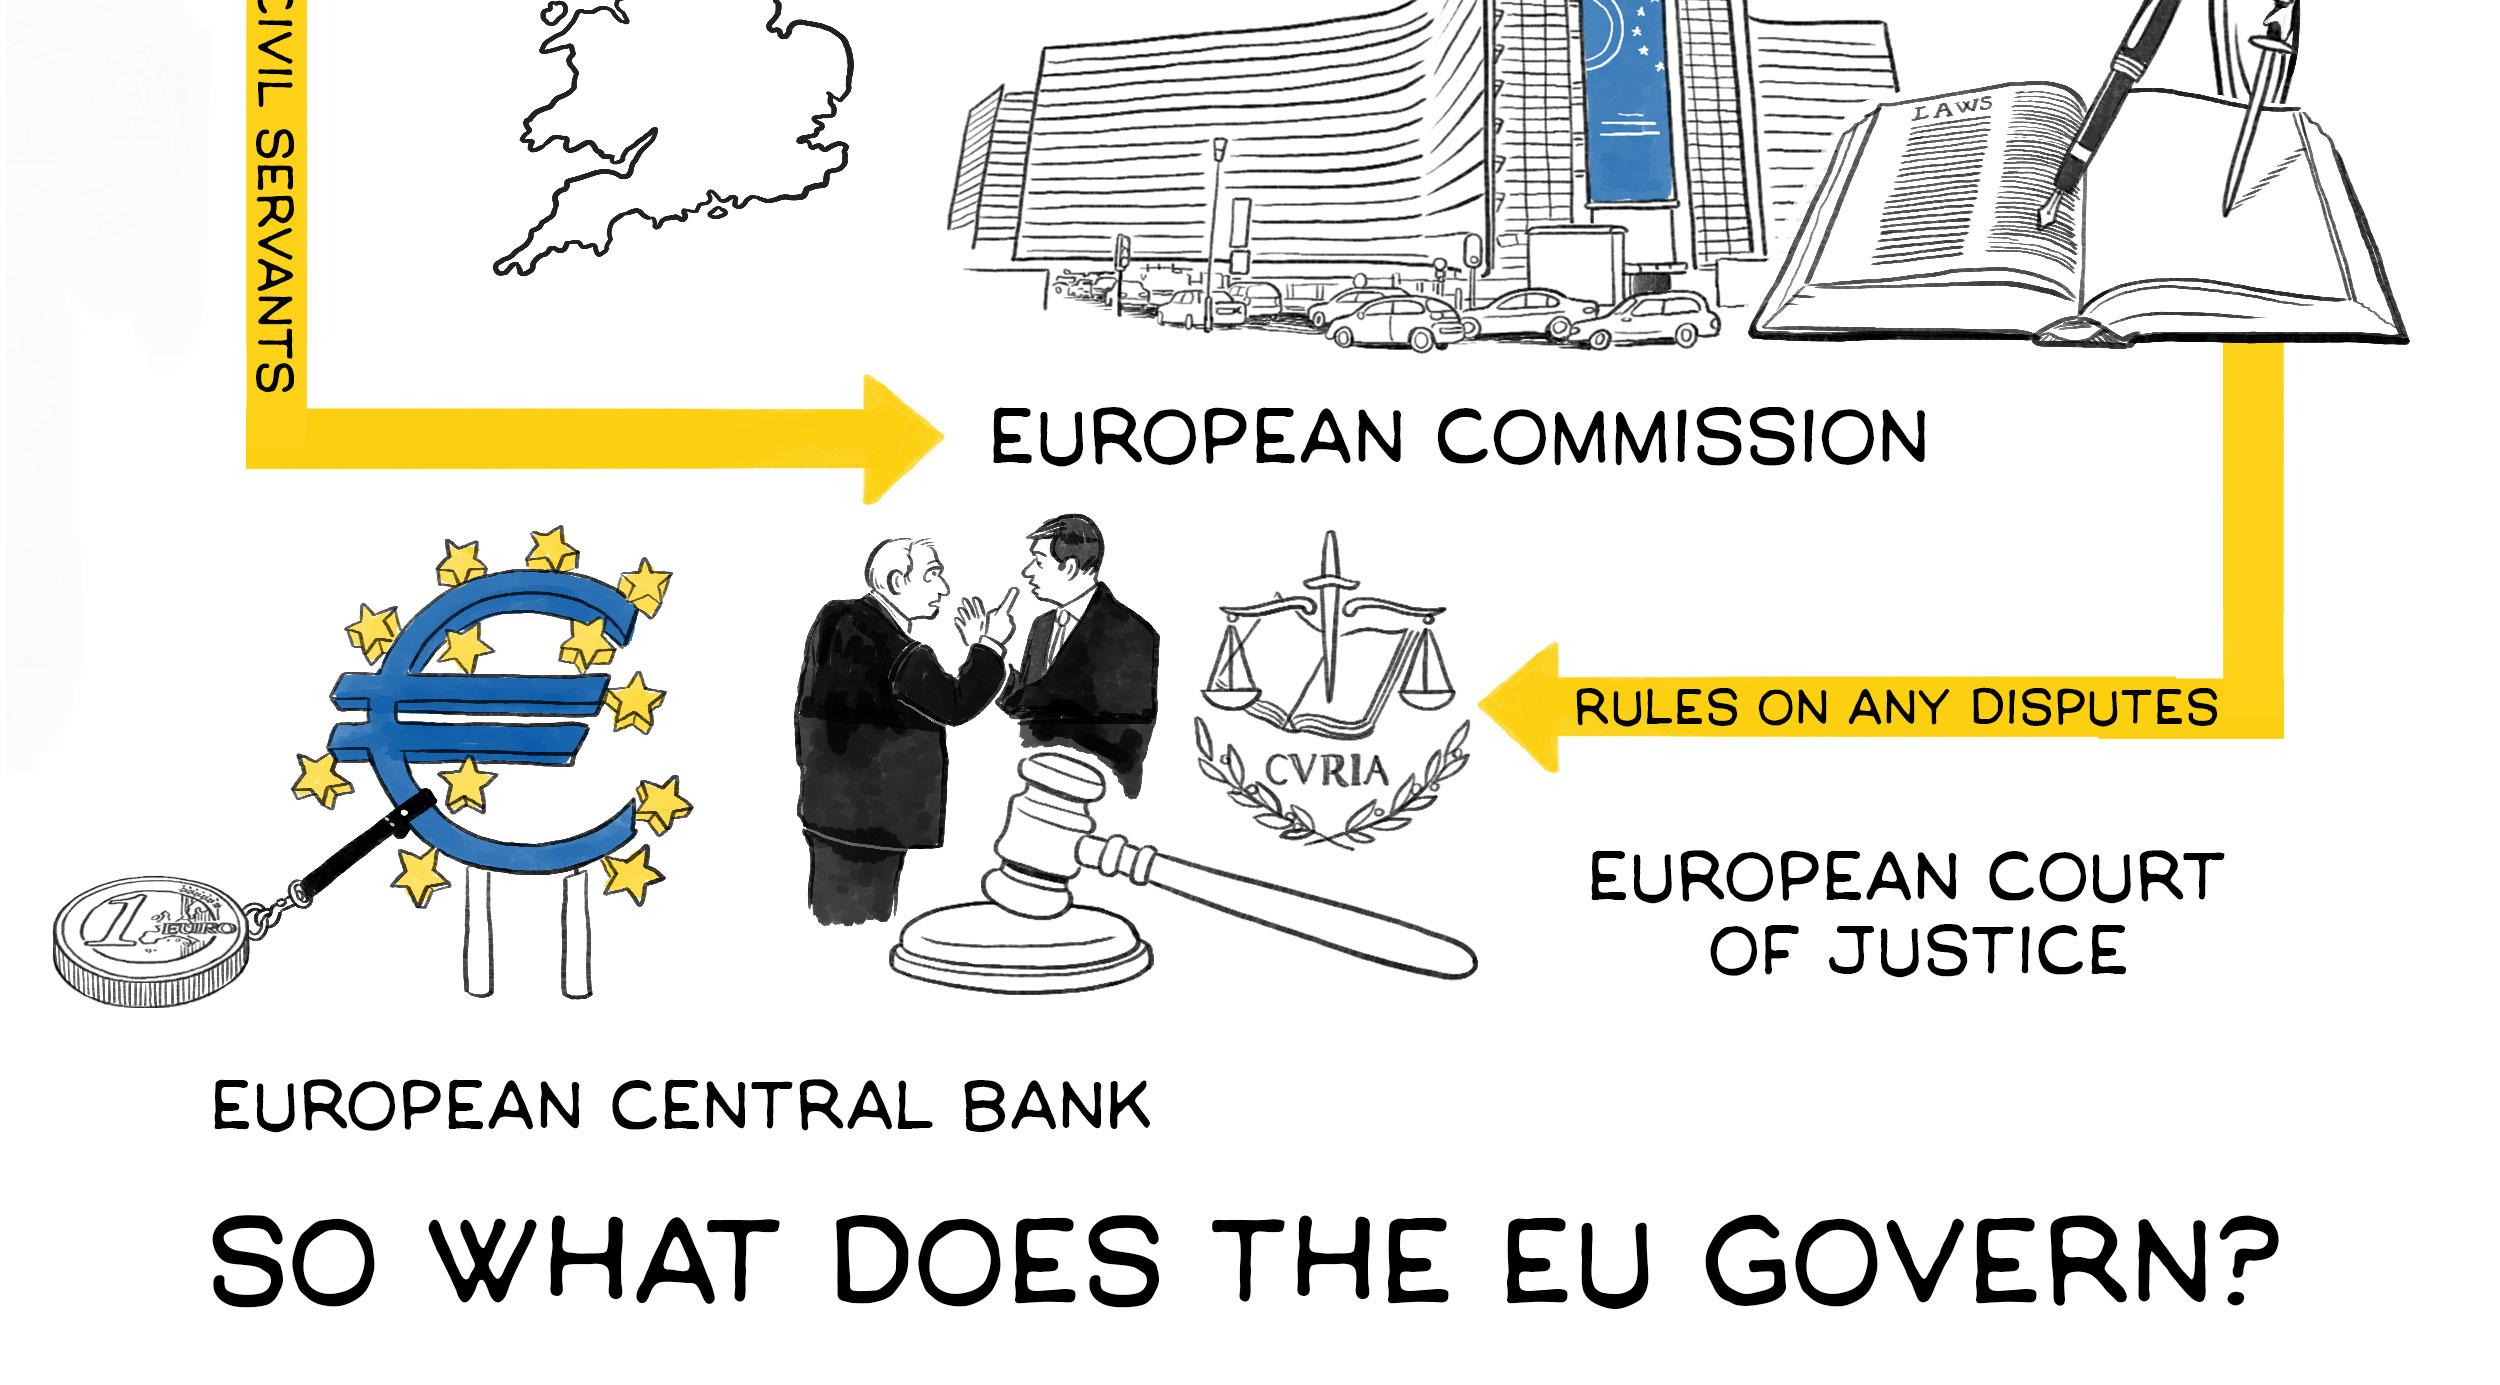 bbc-eu-referendum-cognitive-07.jpg